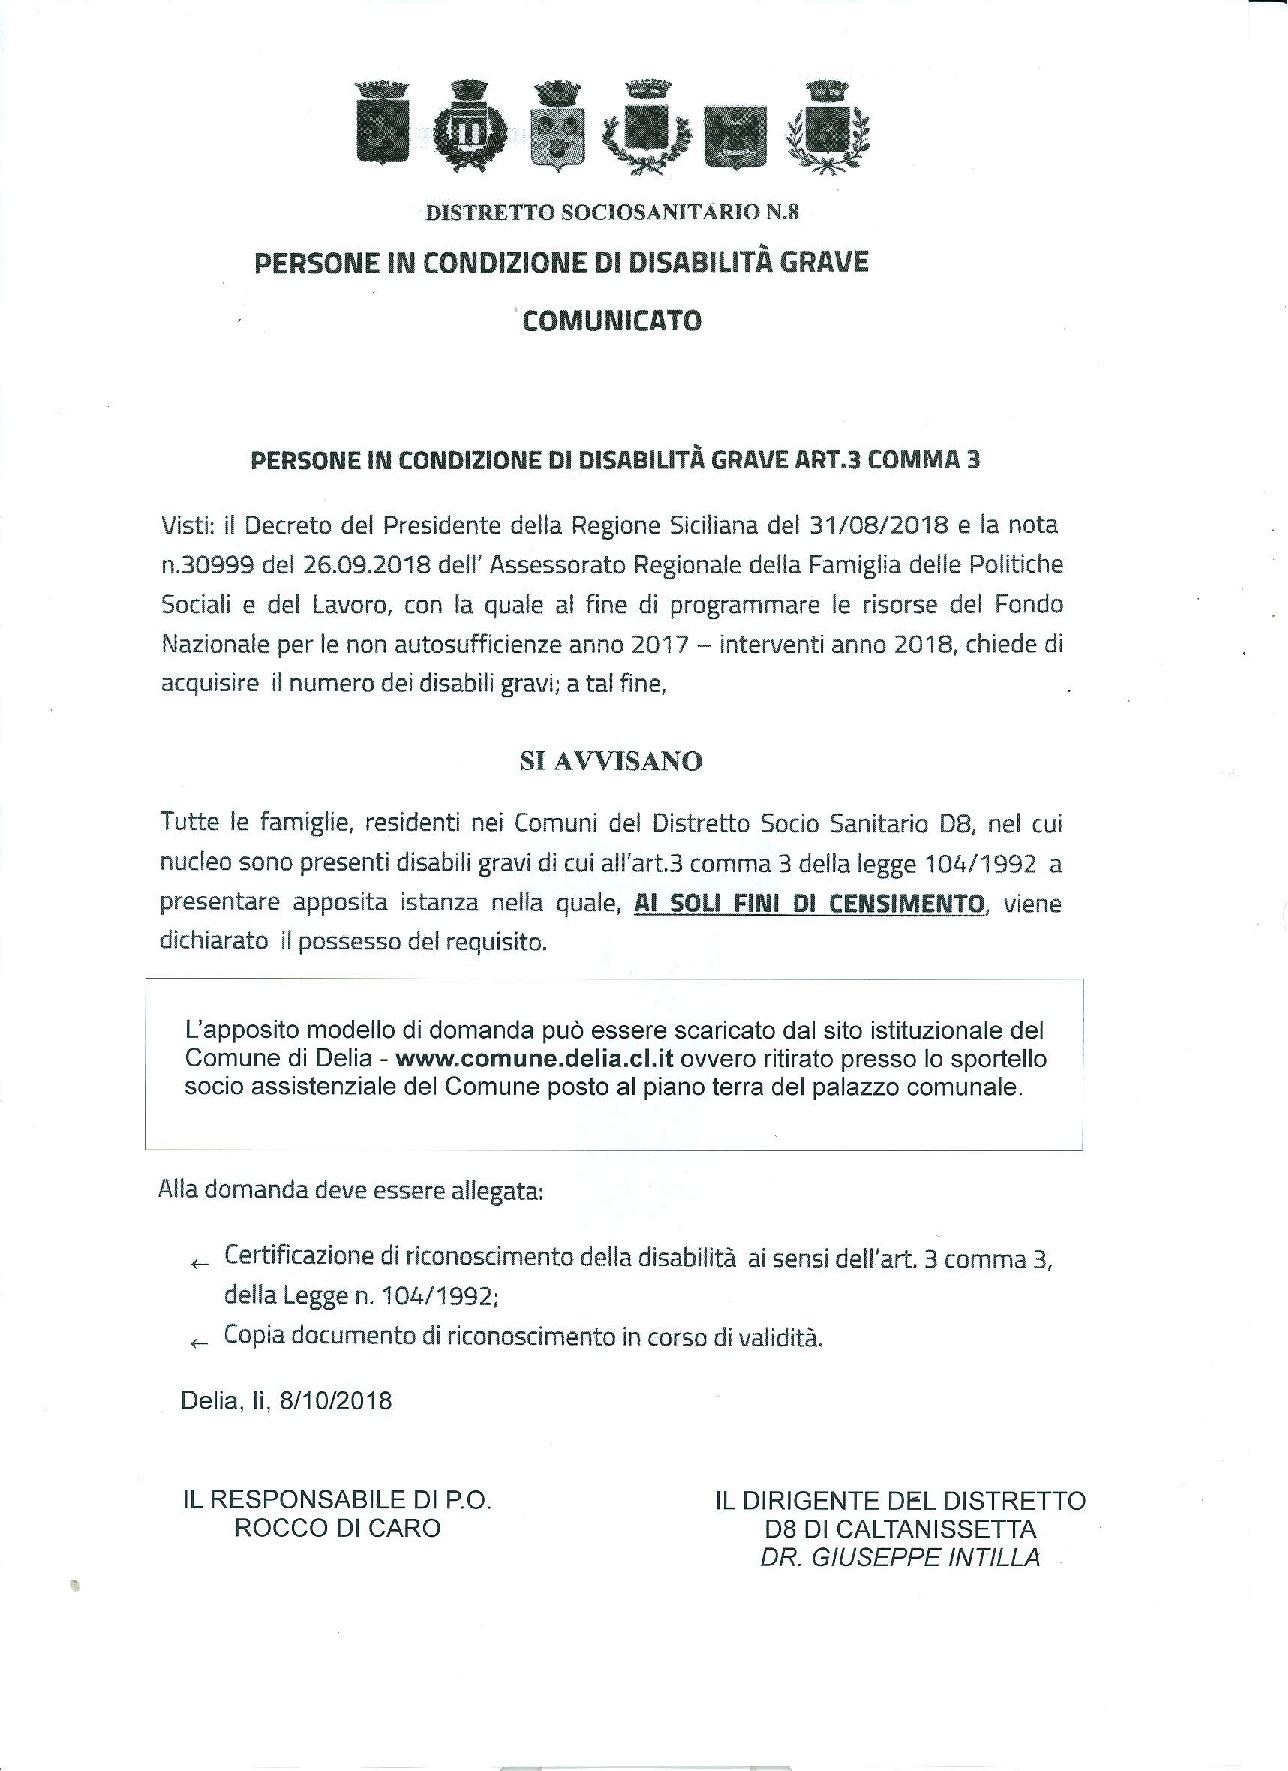 COMUNICATO - PERSONE IN CONDIZIONI DI DISABILITA' GRAVE ART. 3 COMMA3.